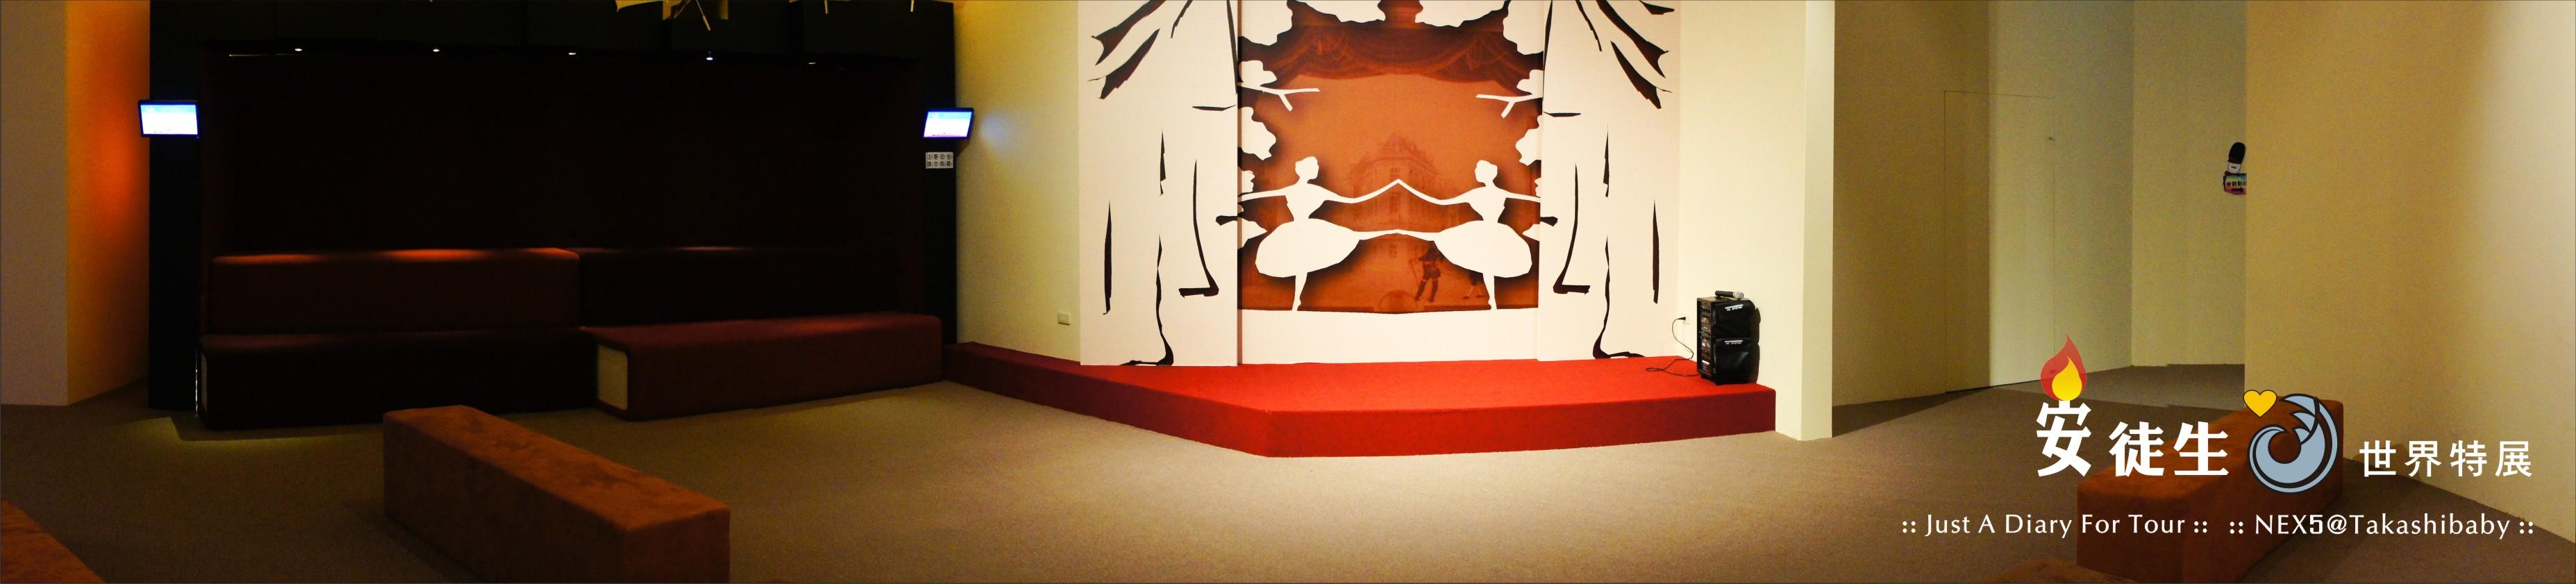 台中國美館-安徒生世界特展-168.jpg